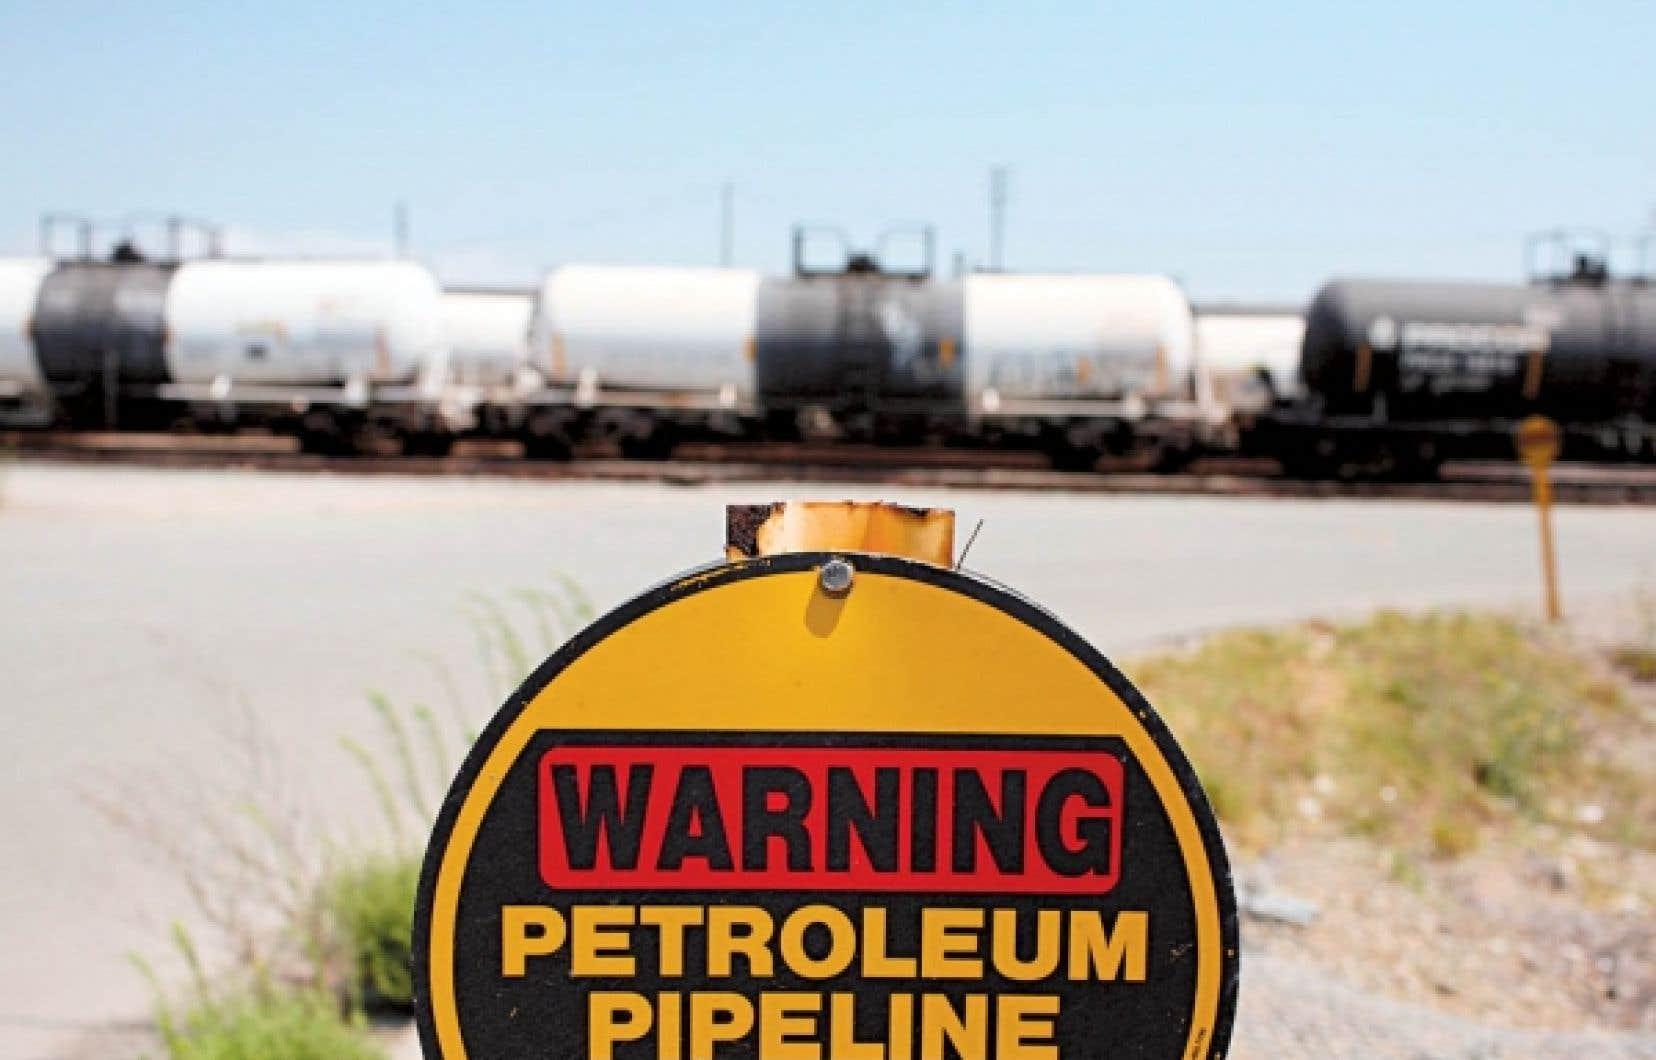 Colonial Pipeline est présenté comme le plus important pipeline de produits pétroliers raffinés aux États-Unis.